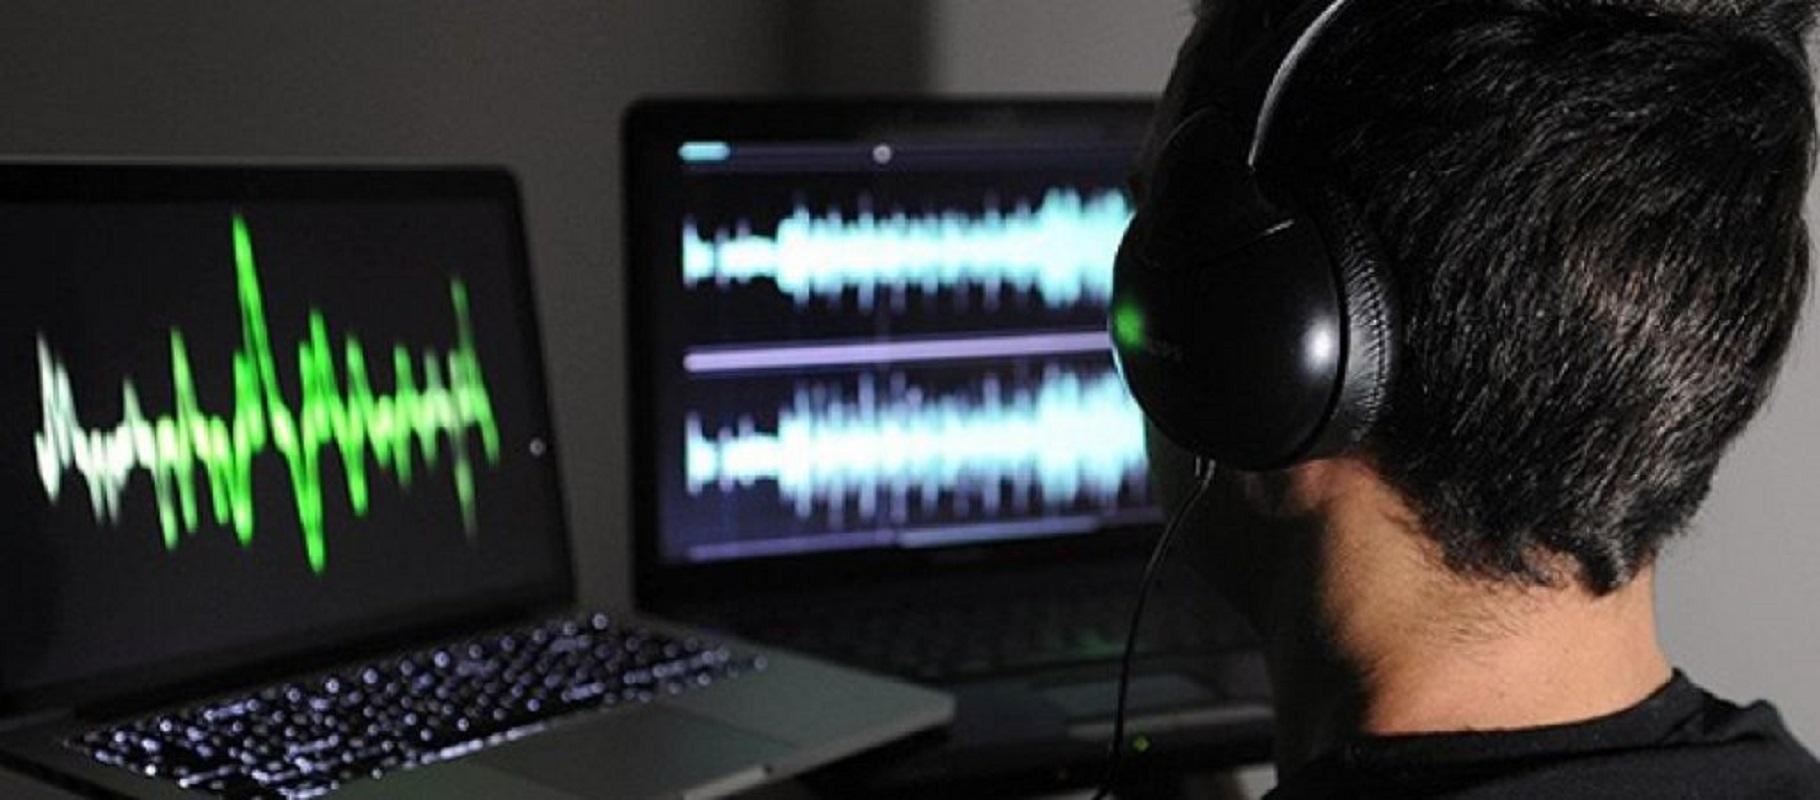 ΑΠΟΚΑΛΥΨΗ: Η Νέα Δημοκρατία είχε οργανώσει τις παράνομες παρακολουθήσεις και ηχογραφήσεις;